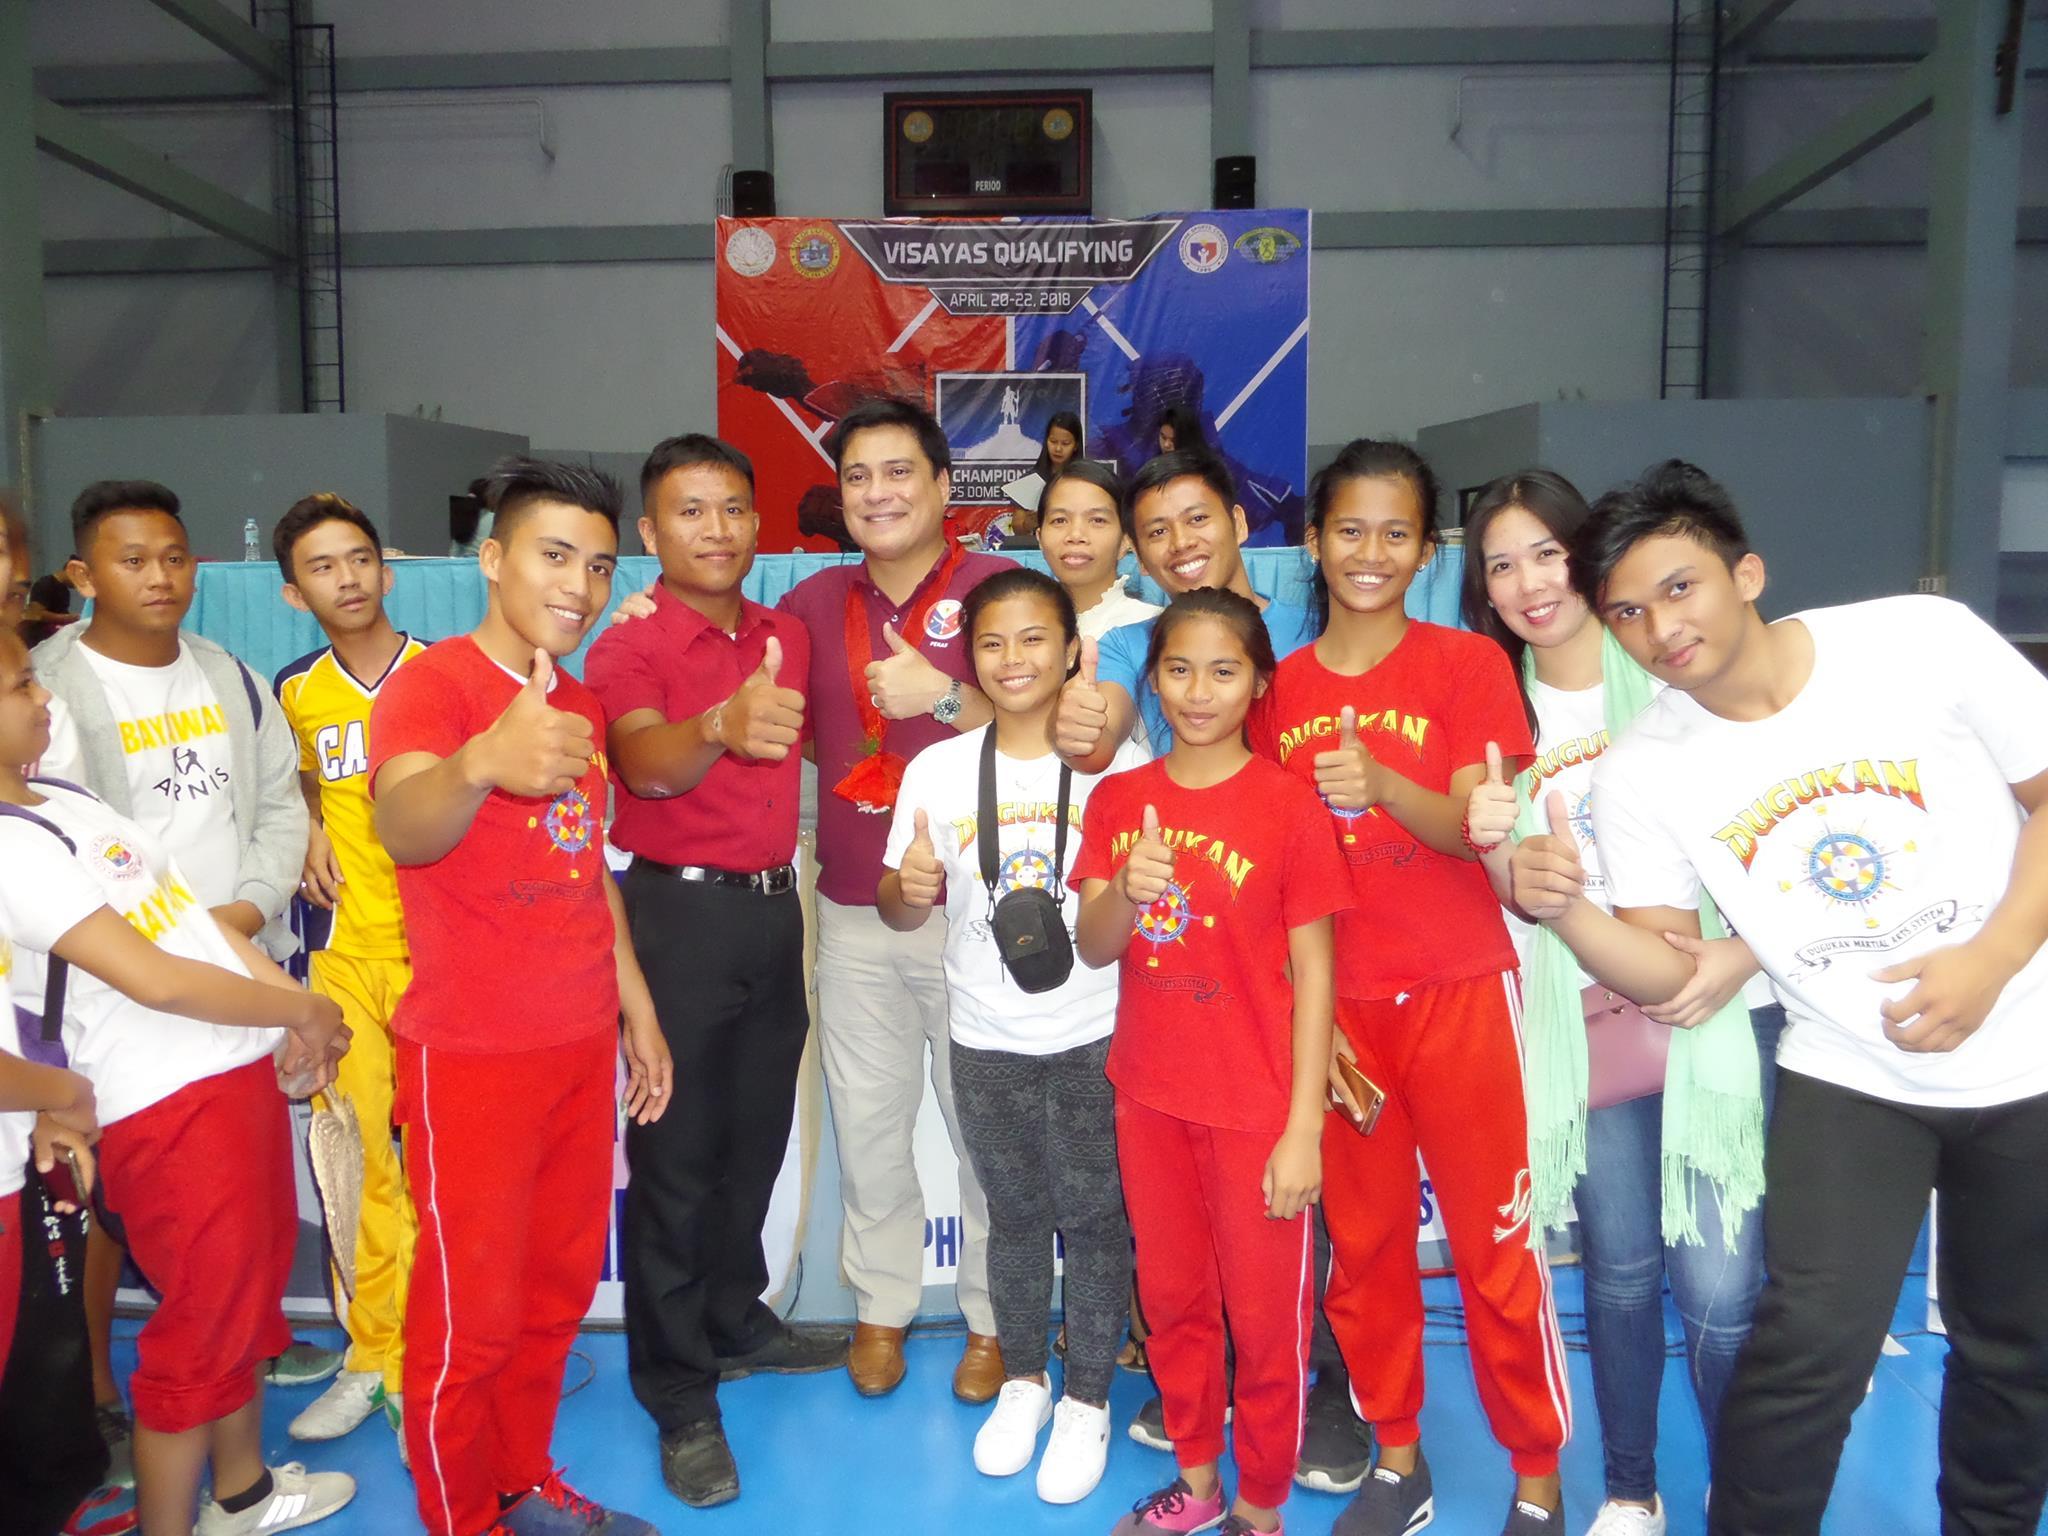 Dugukan Warriors with Senator Miguel Zub